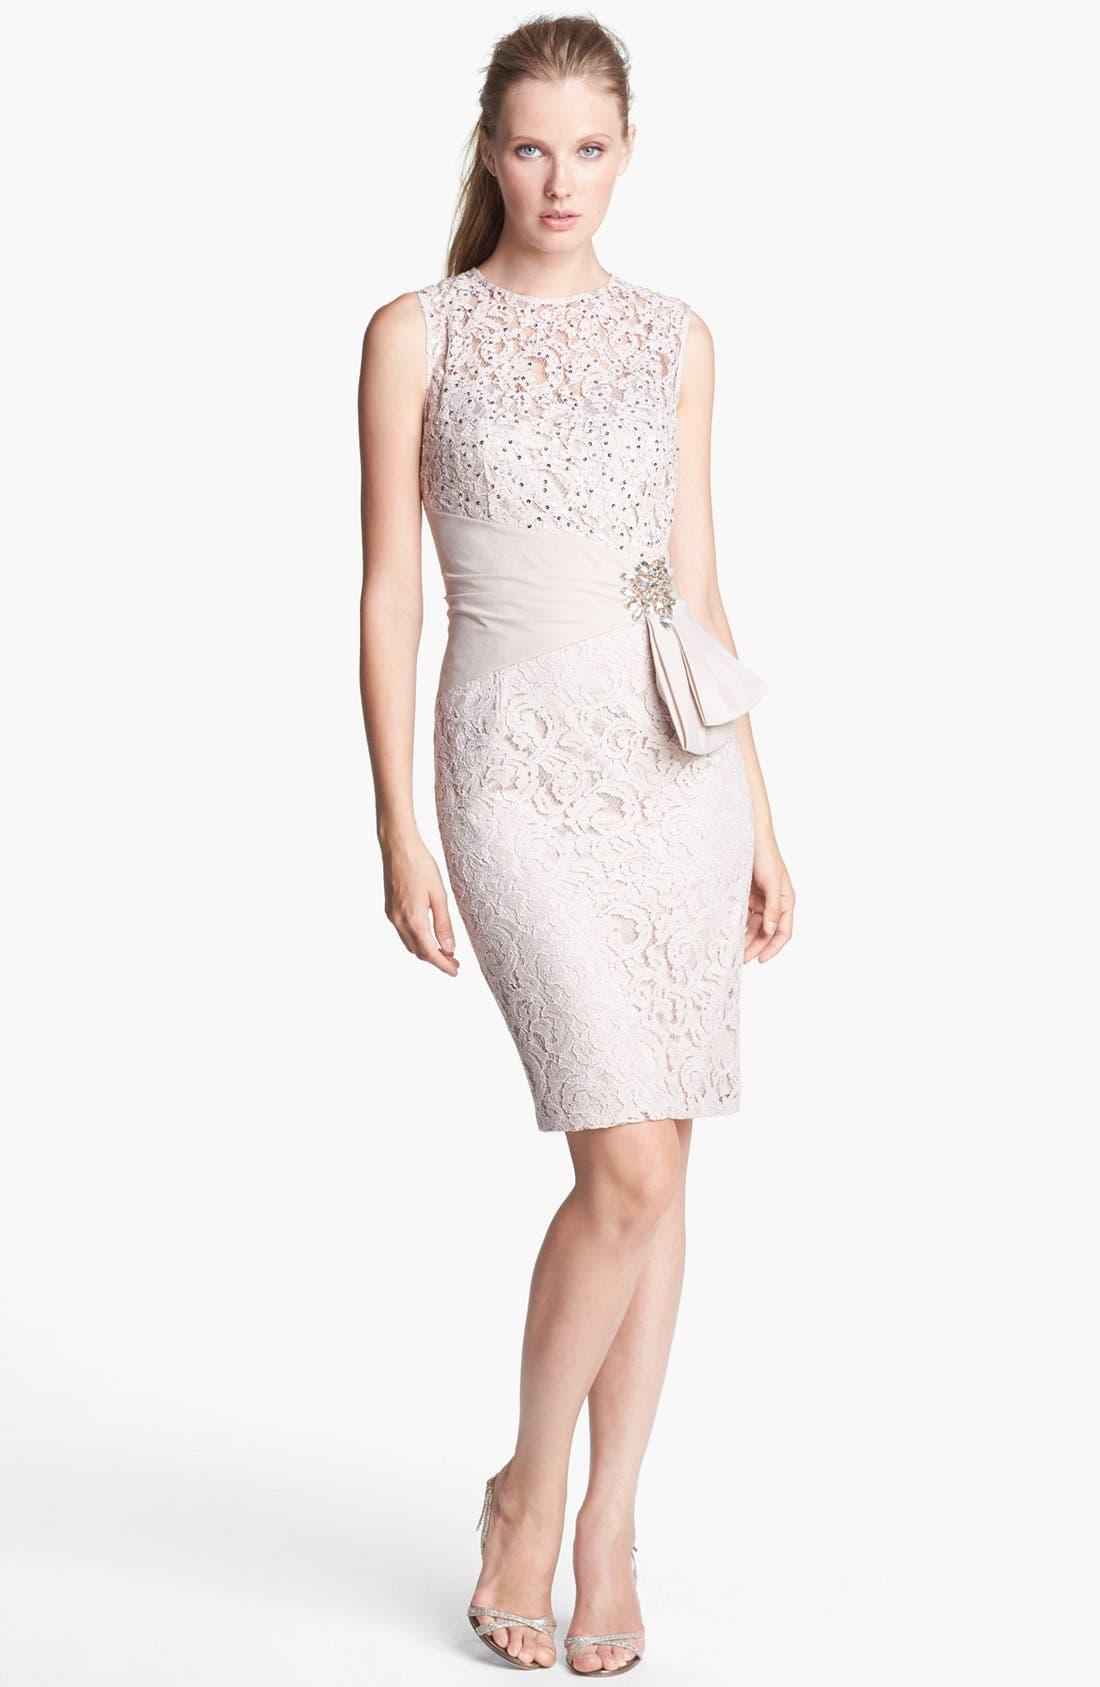 Alternate Image 1 Selected - Eliza J Embellished Lace Sheath Dress (Petite)